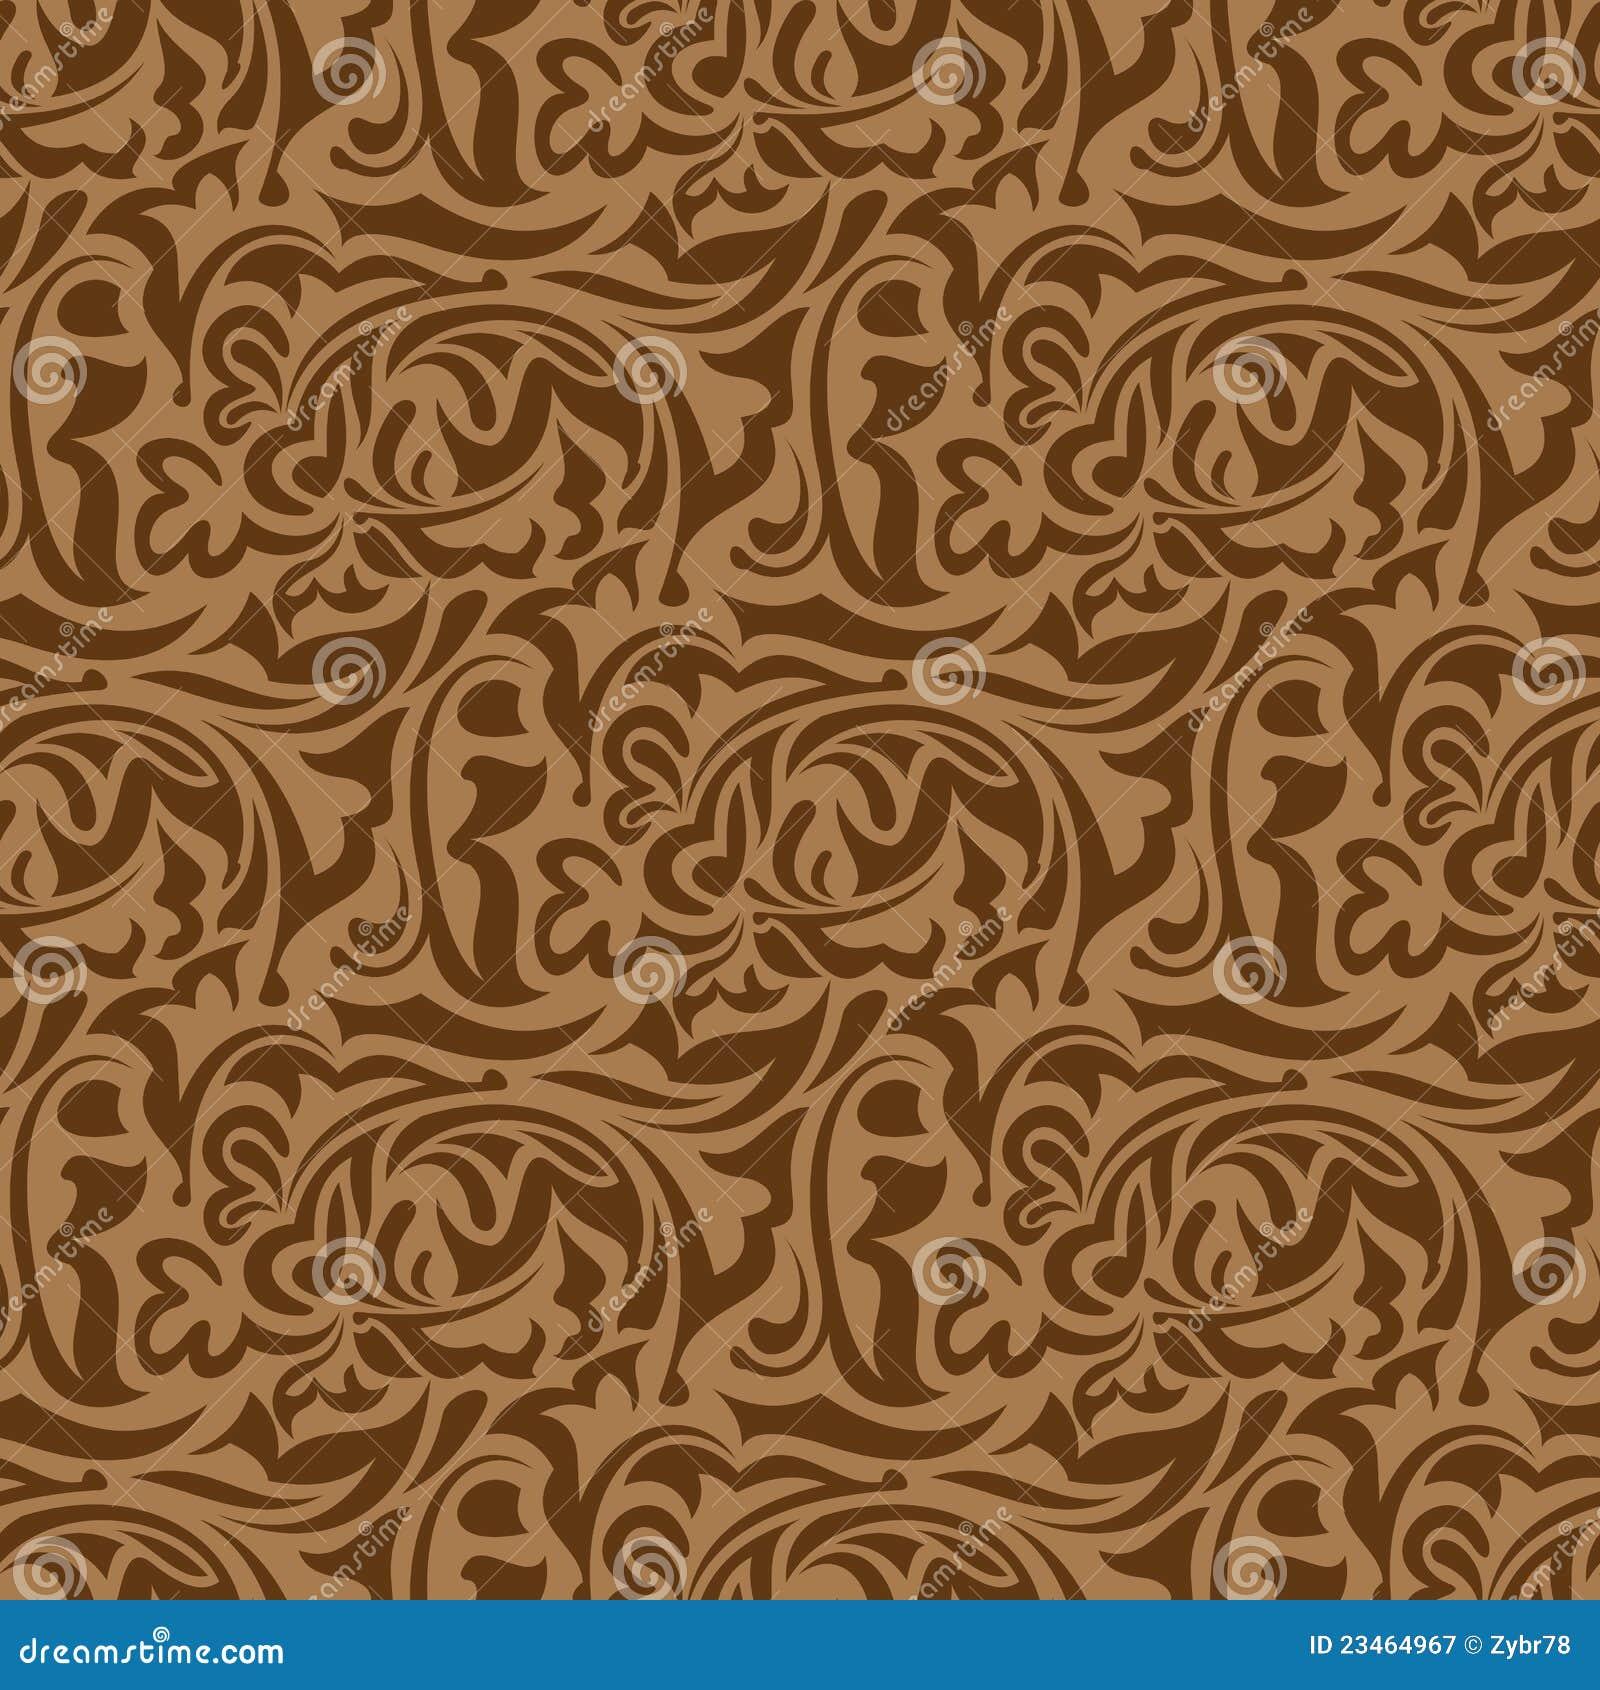 Meer gelijksoortige voorraadbeelden van ` Bruin naadloos behangpatroon ...: nl.dreamstime.com/royalty-vrije-stock-fotografie-bruin-naadloos...